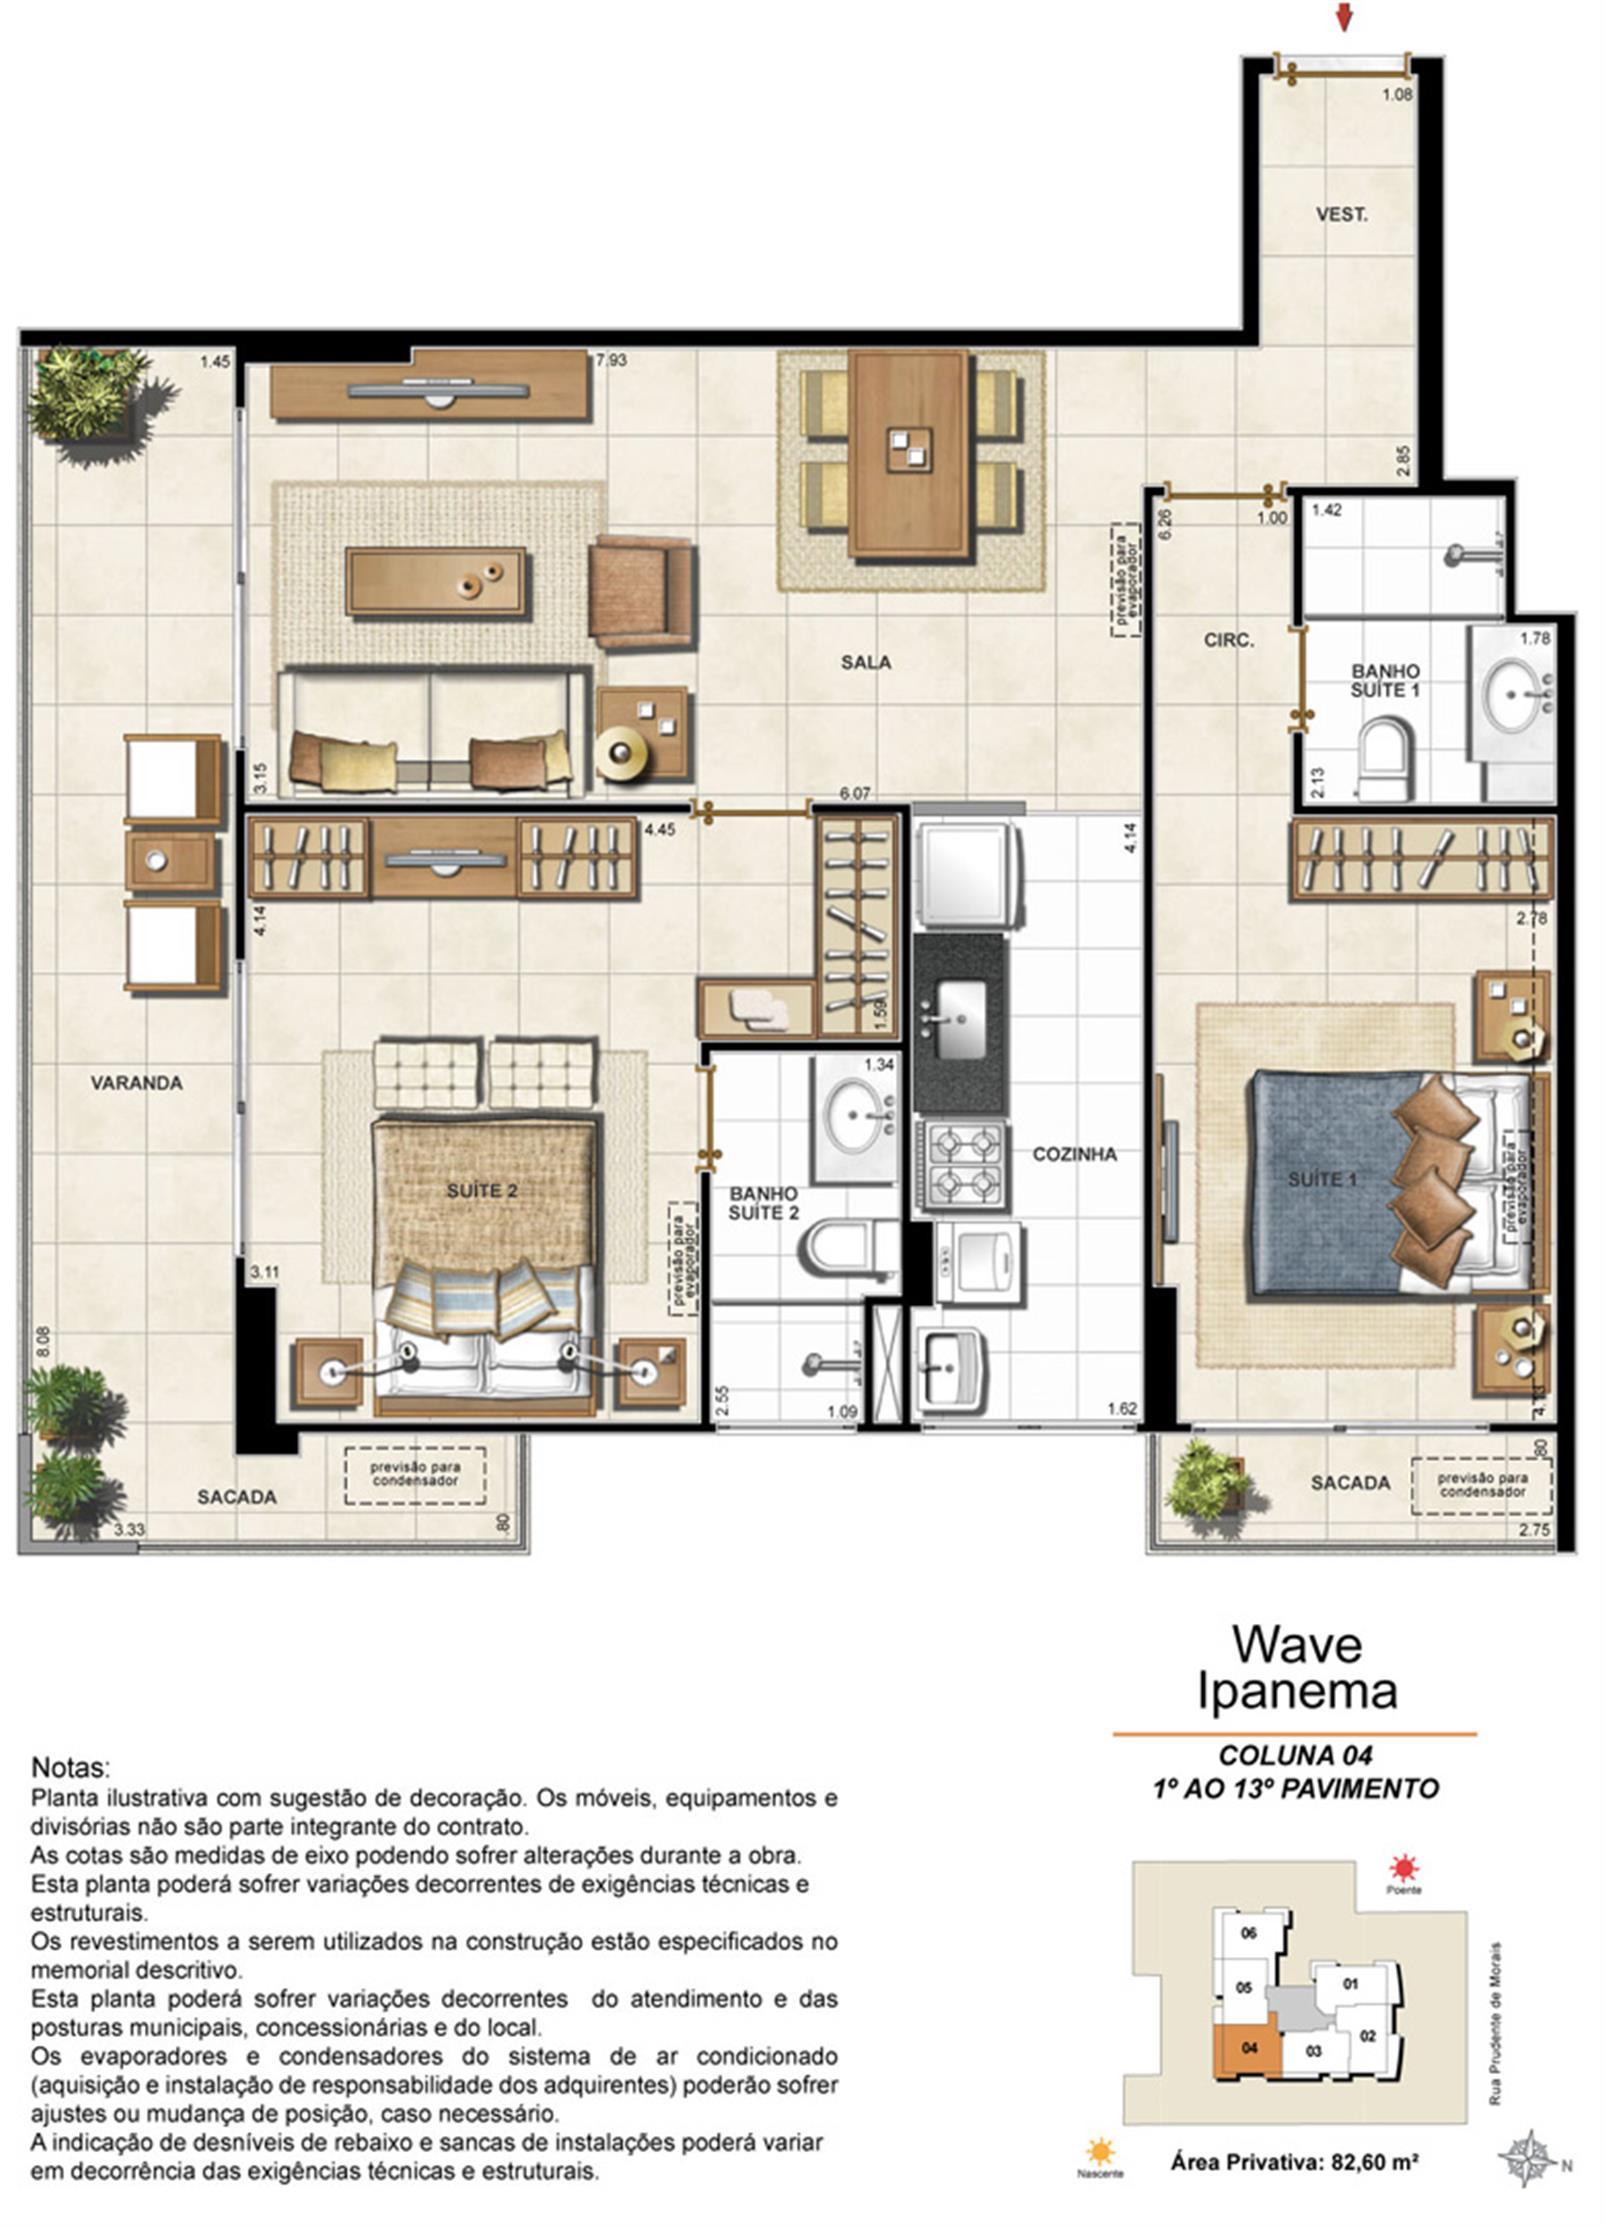 Apartamento Tipo Coluna 04 - 1º ao 13º Pavimento | Wave Ipanema – Apartamentoem  Ipanema - Rio de Janeiro - Rio de Janeiro